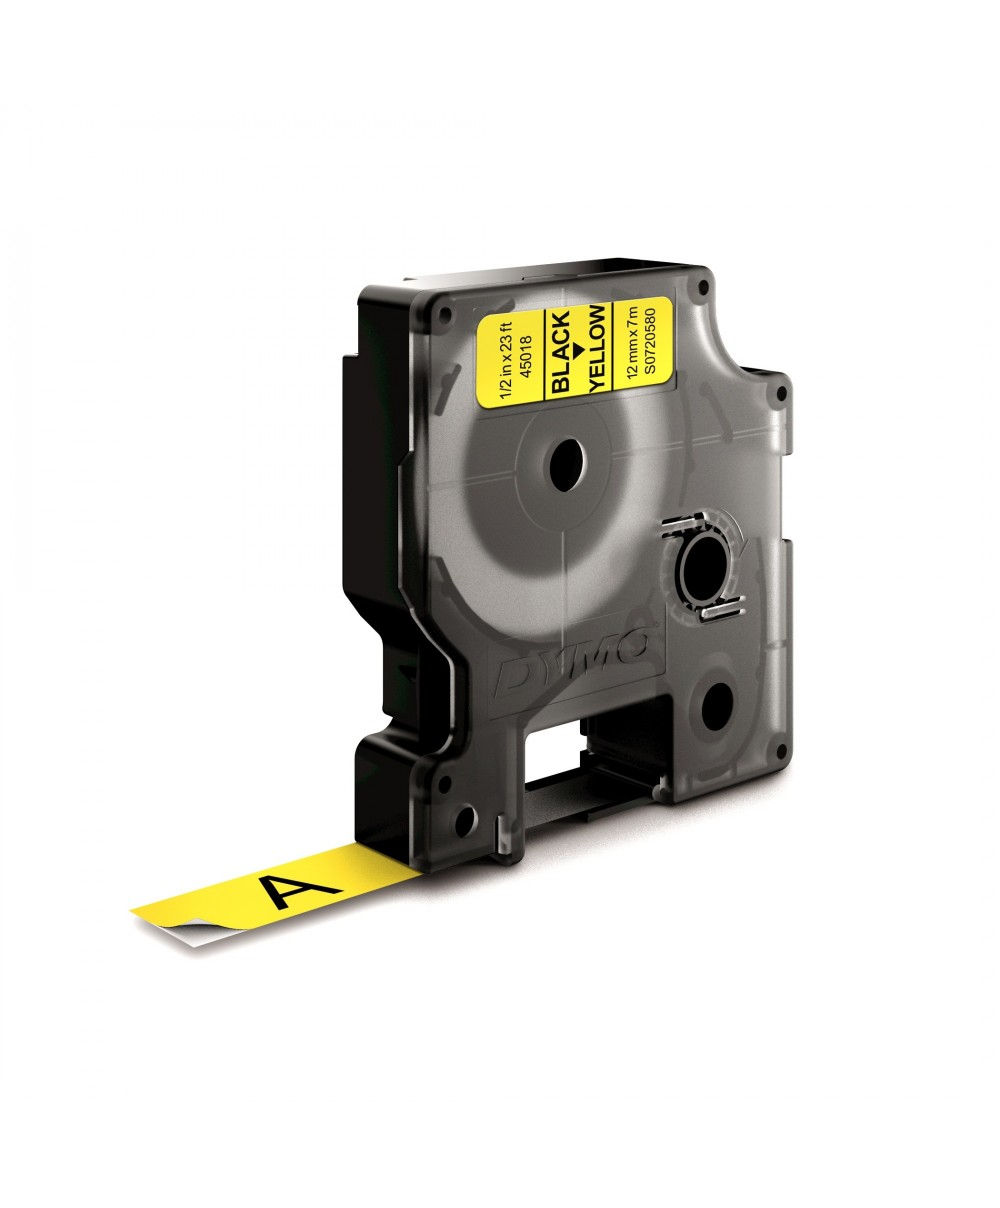 Dymo D1 Ruban   12 mm x 7 m noir sur jaune 45018 Accessoires Étiqueteuse